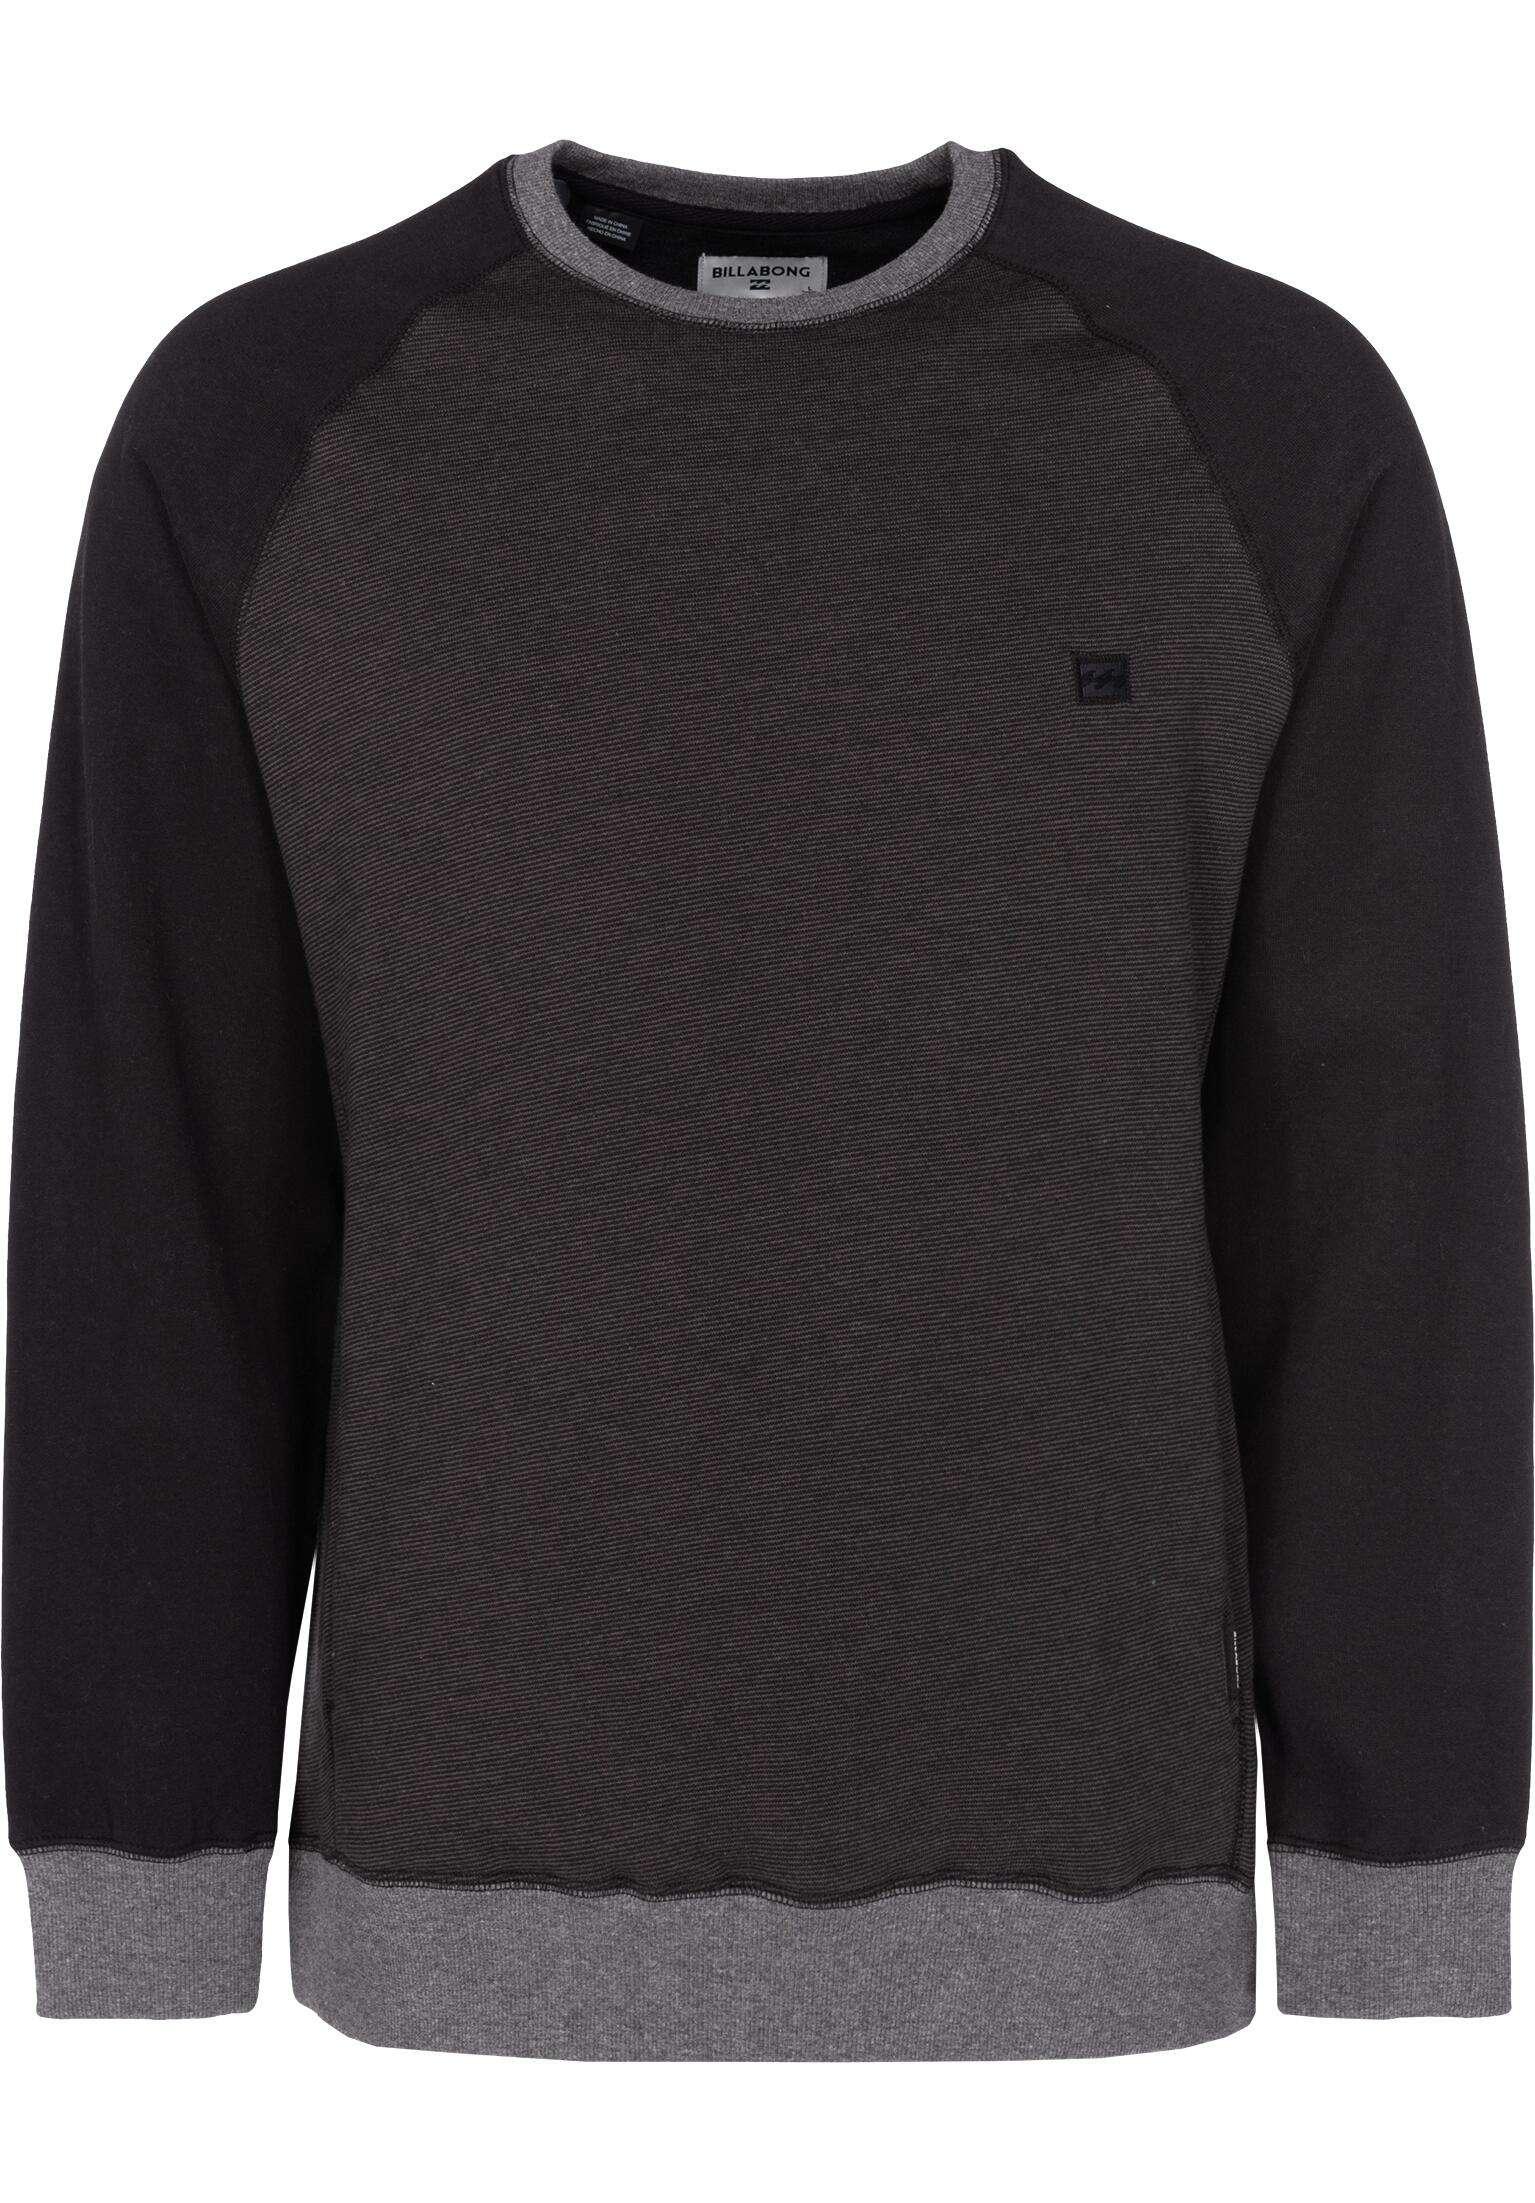 Balance Billabong Titus Overs Pull Crew En Pour Black Sweatshirts Homme Et 7r7Ax5vwqT